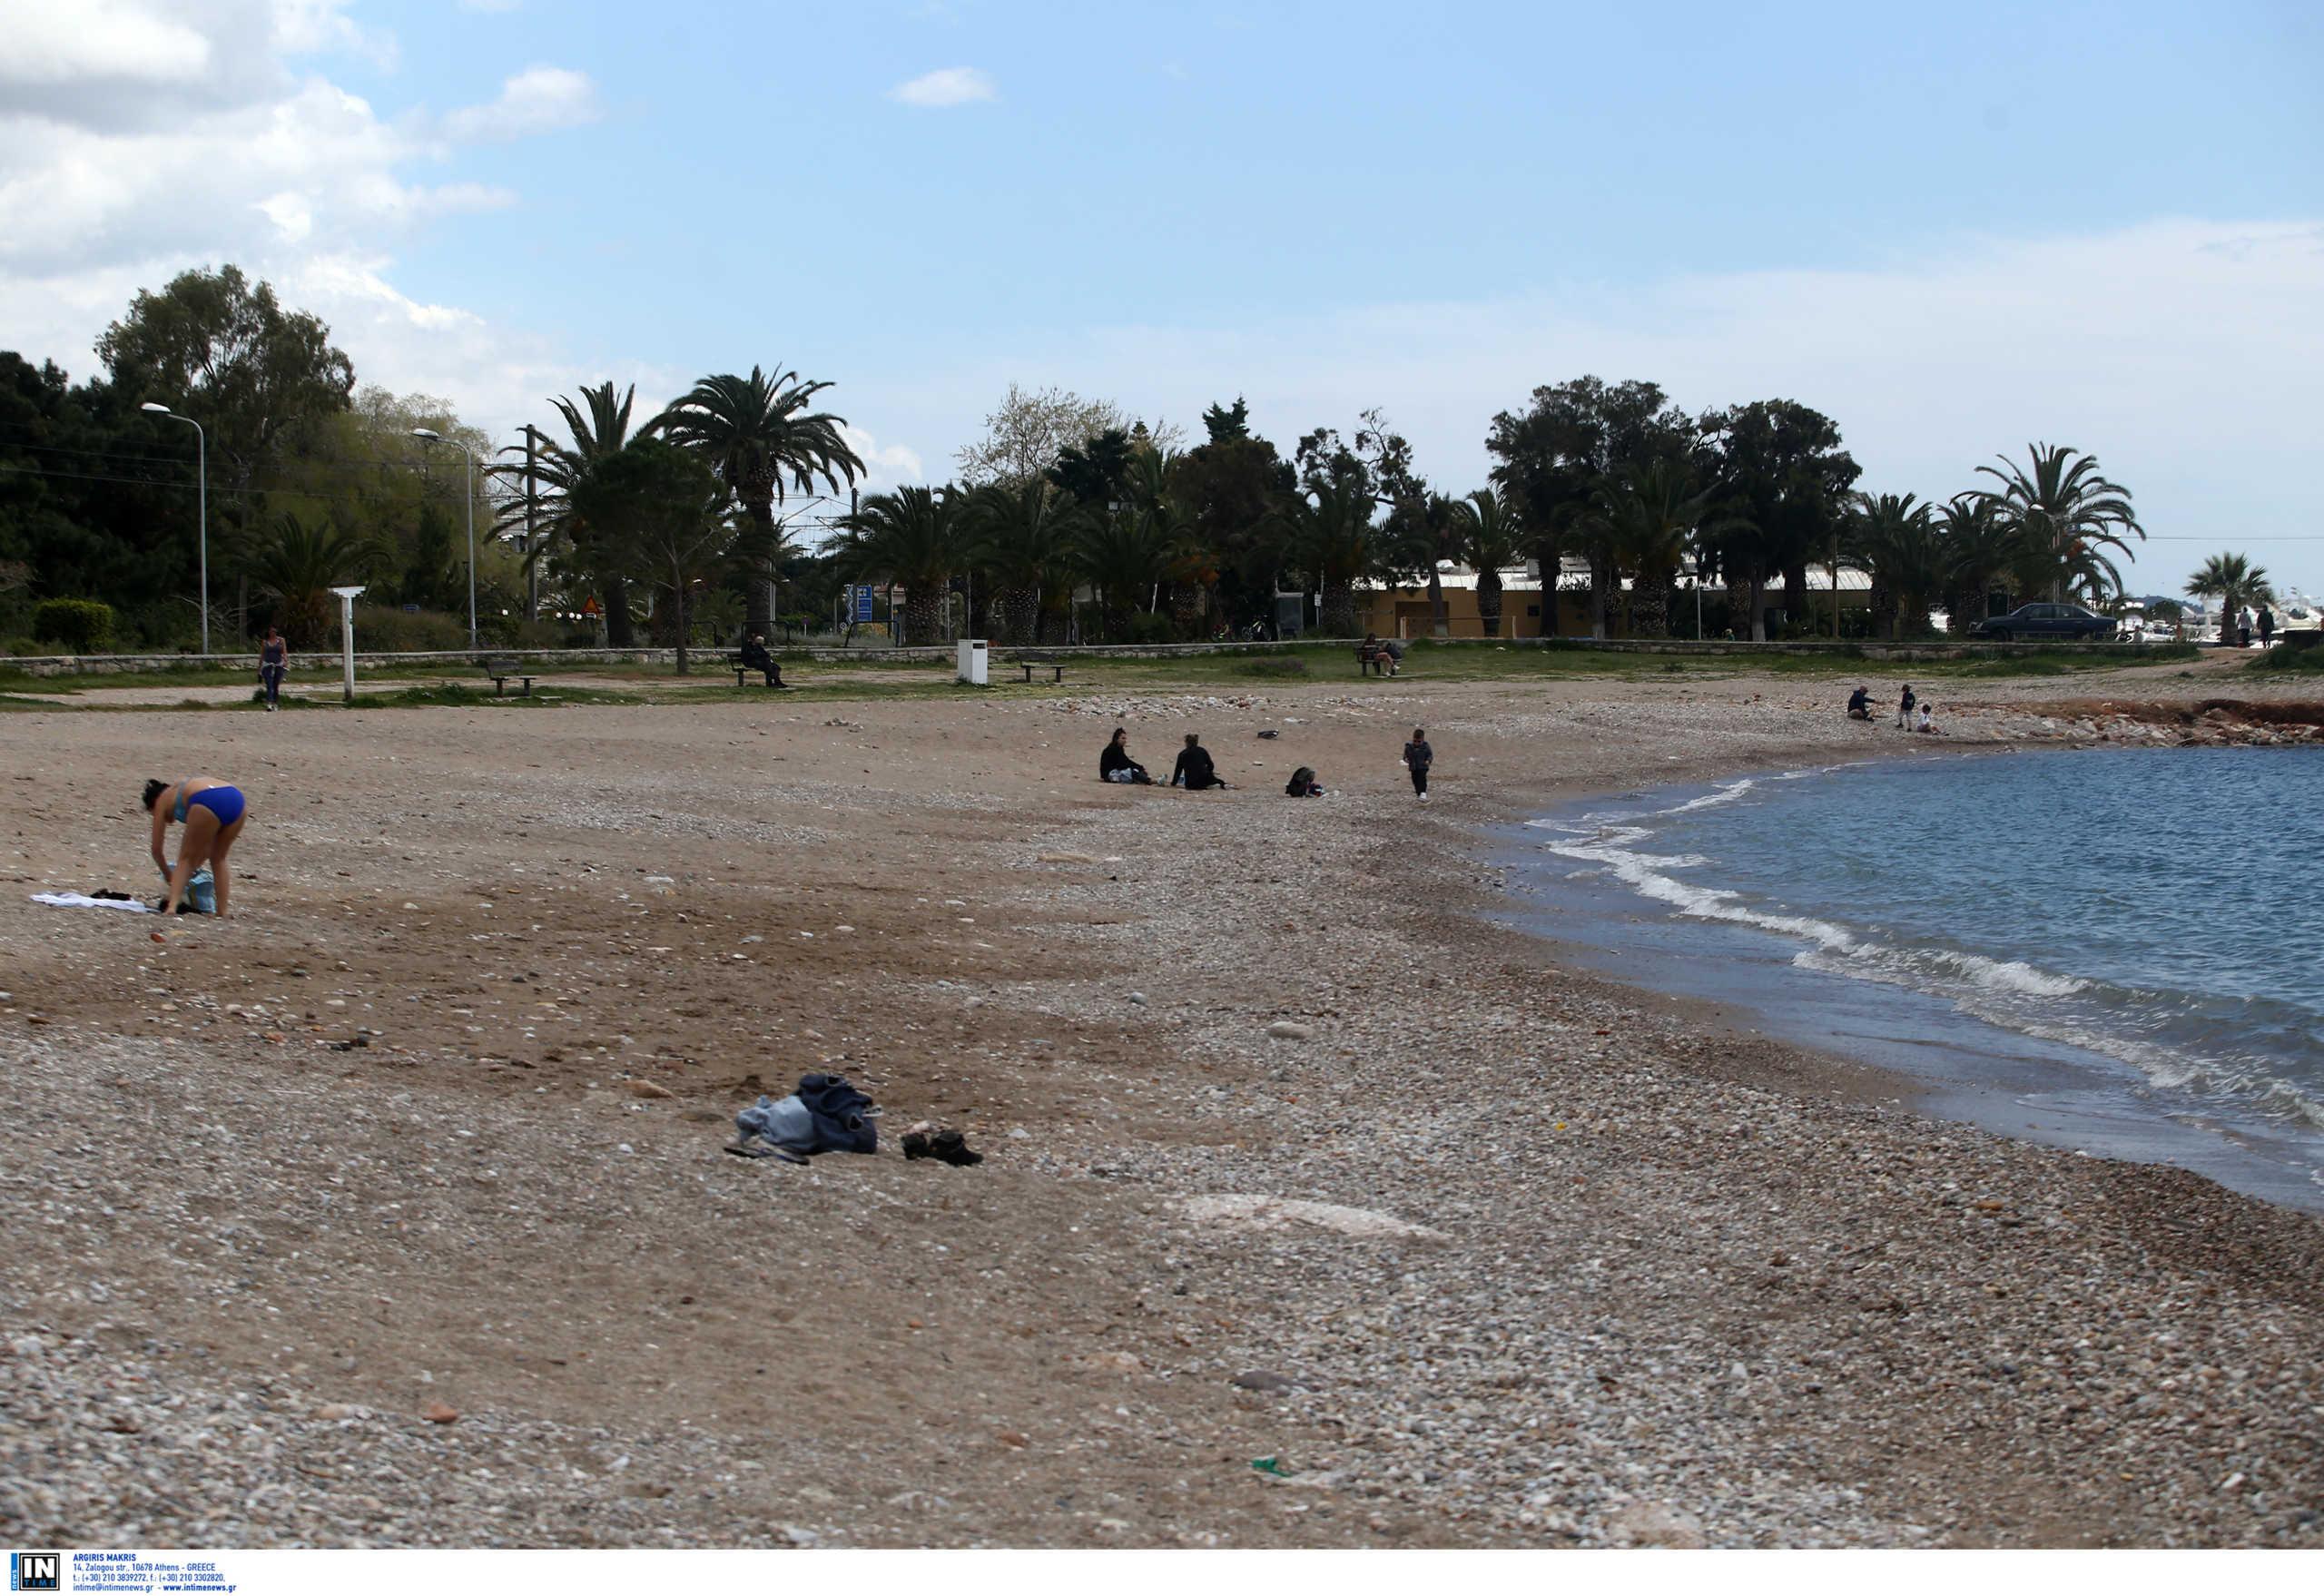 «Διακοπές ναι, αλλά με κανόνες»: Ο Νίκος Σύψας περιγράφει το καλοκαίρι του κορονοϊού